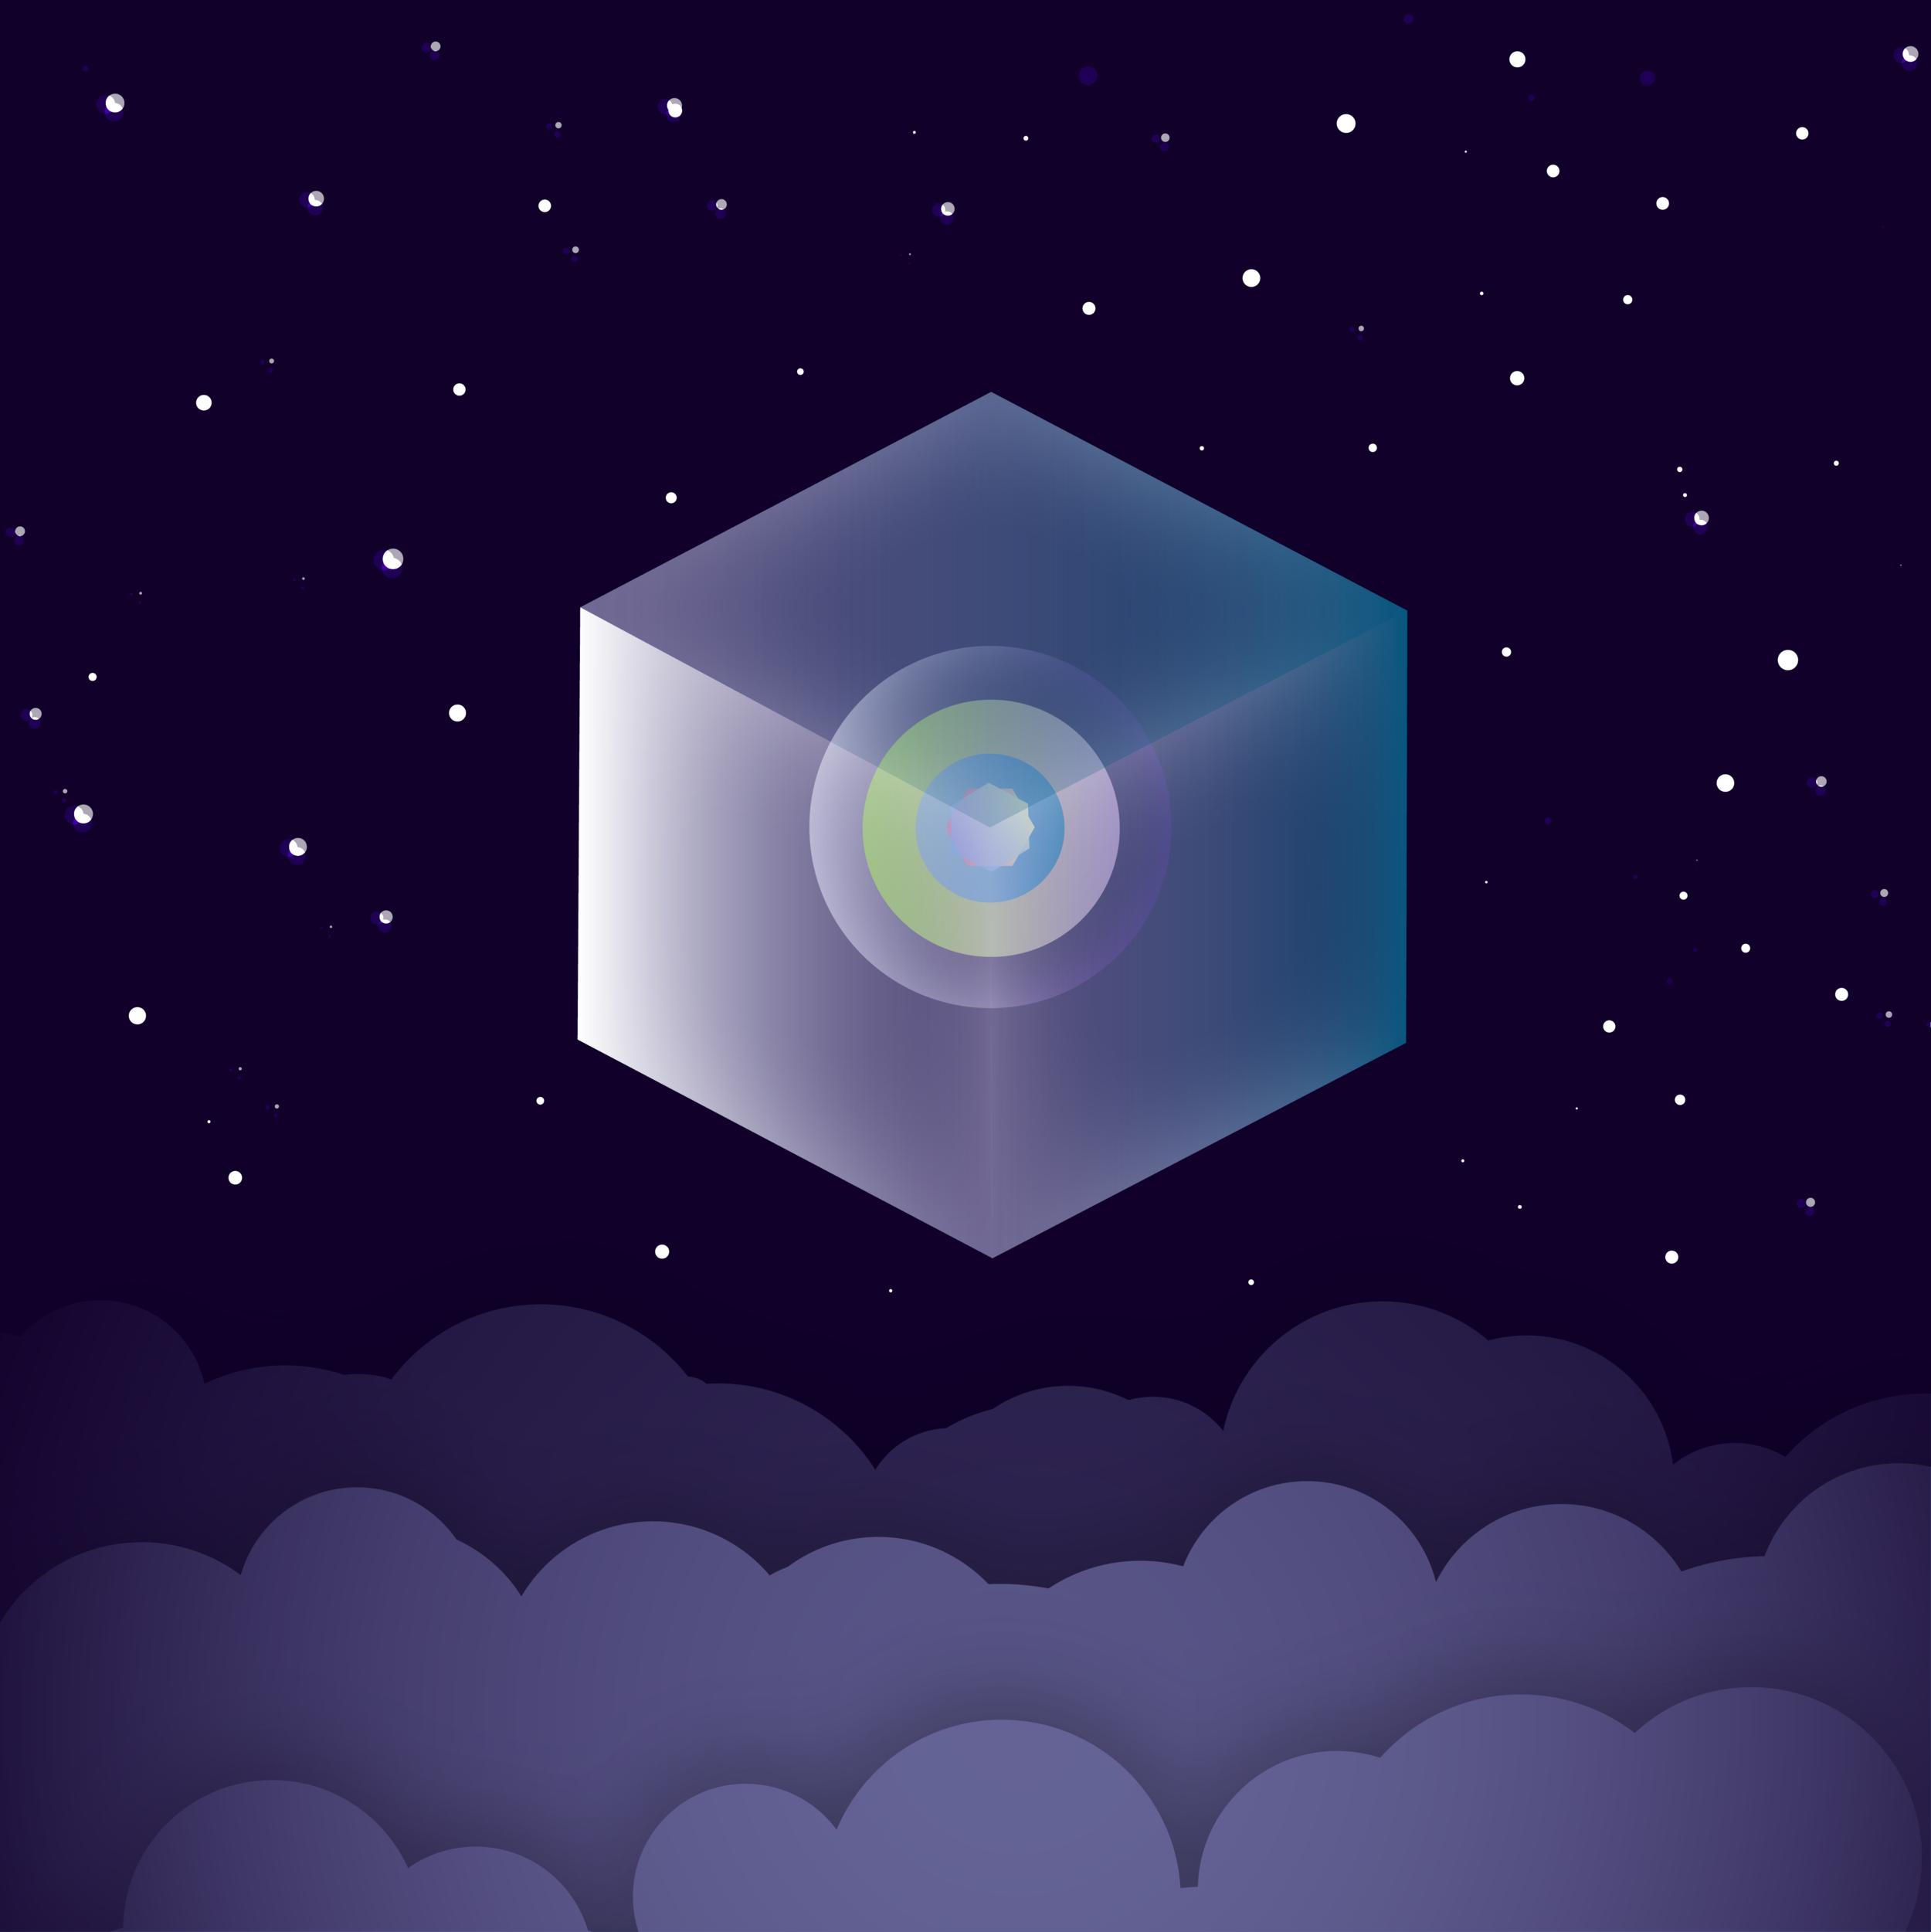 spacecube3-01.png